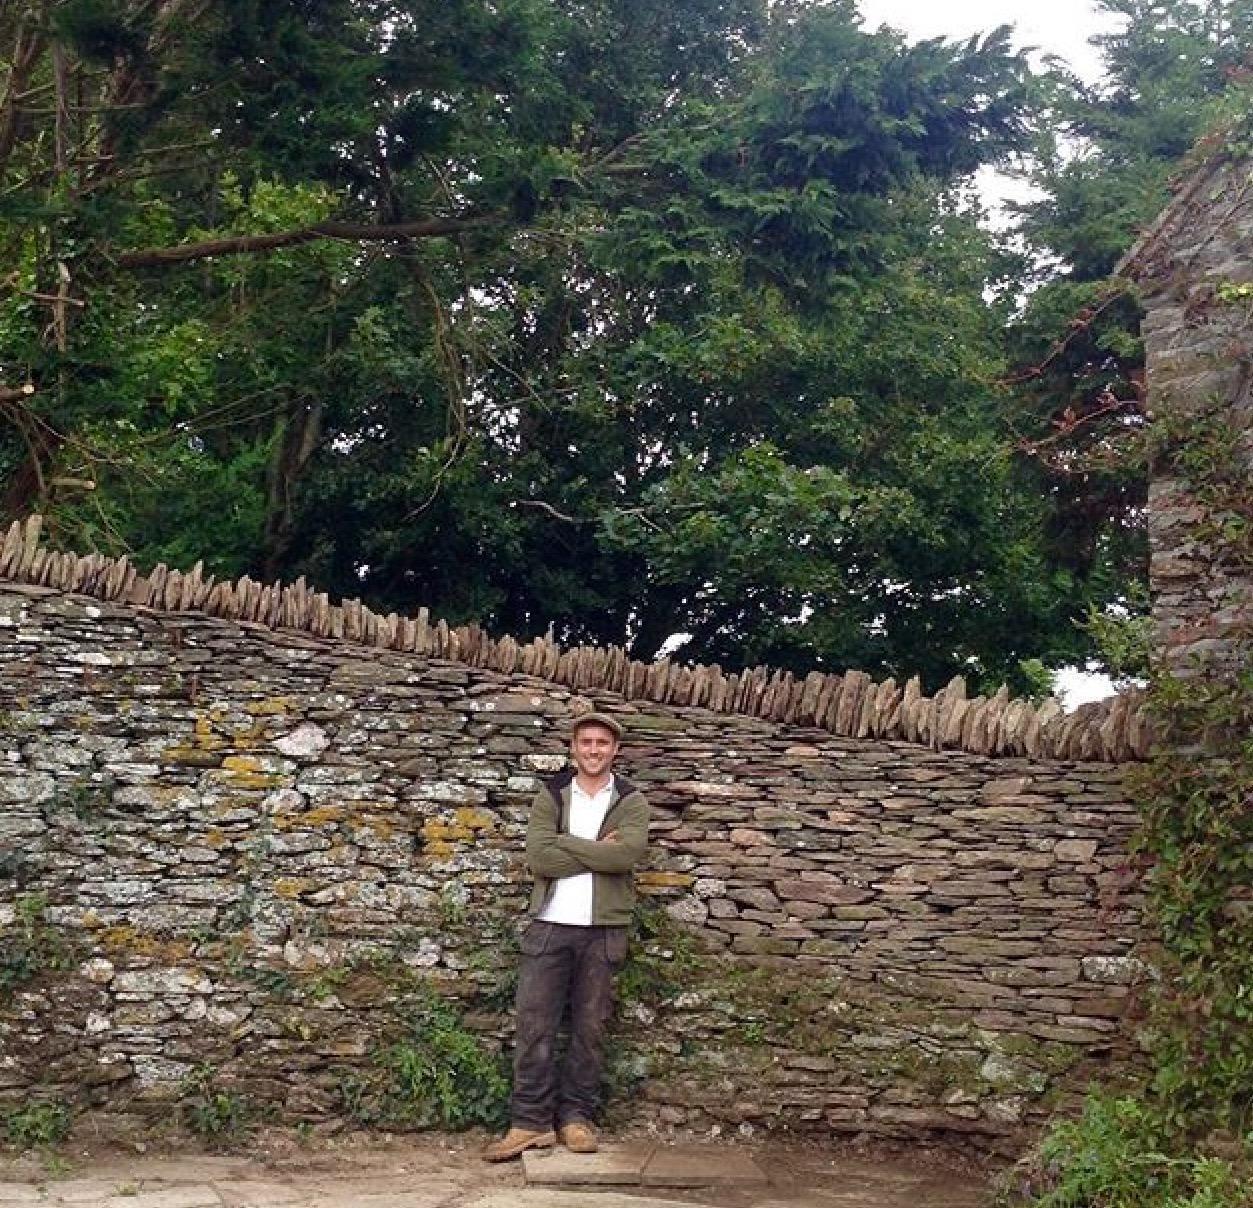 South Devon Dry Stone Walling